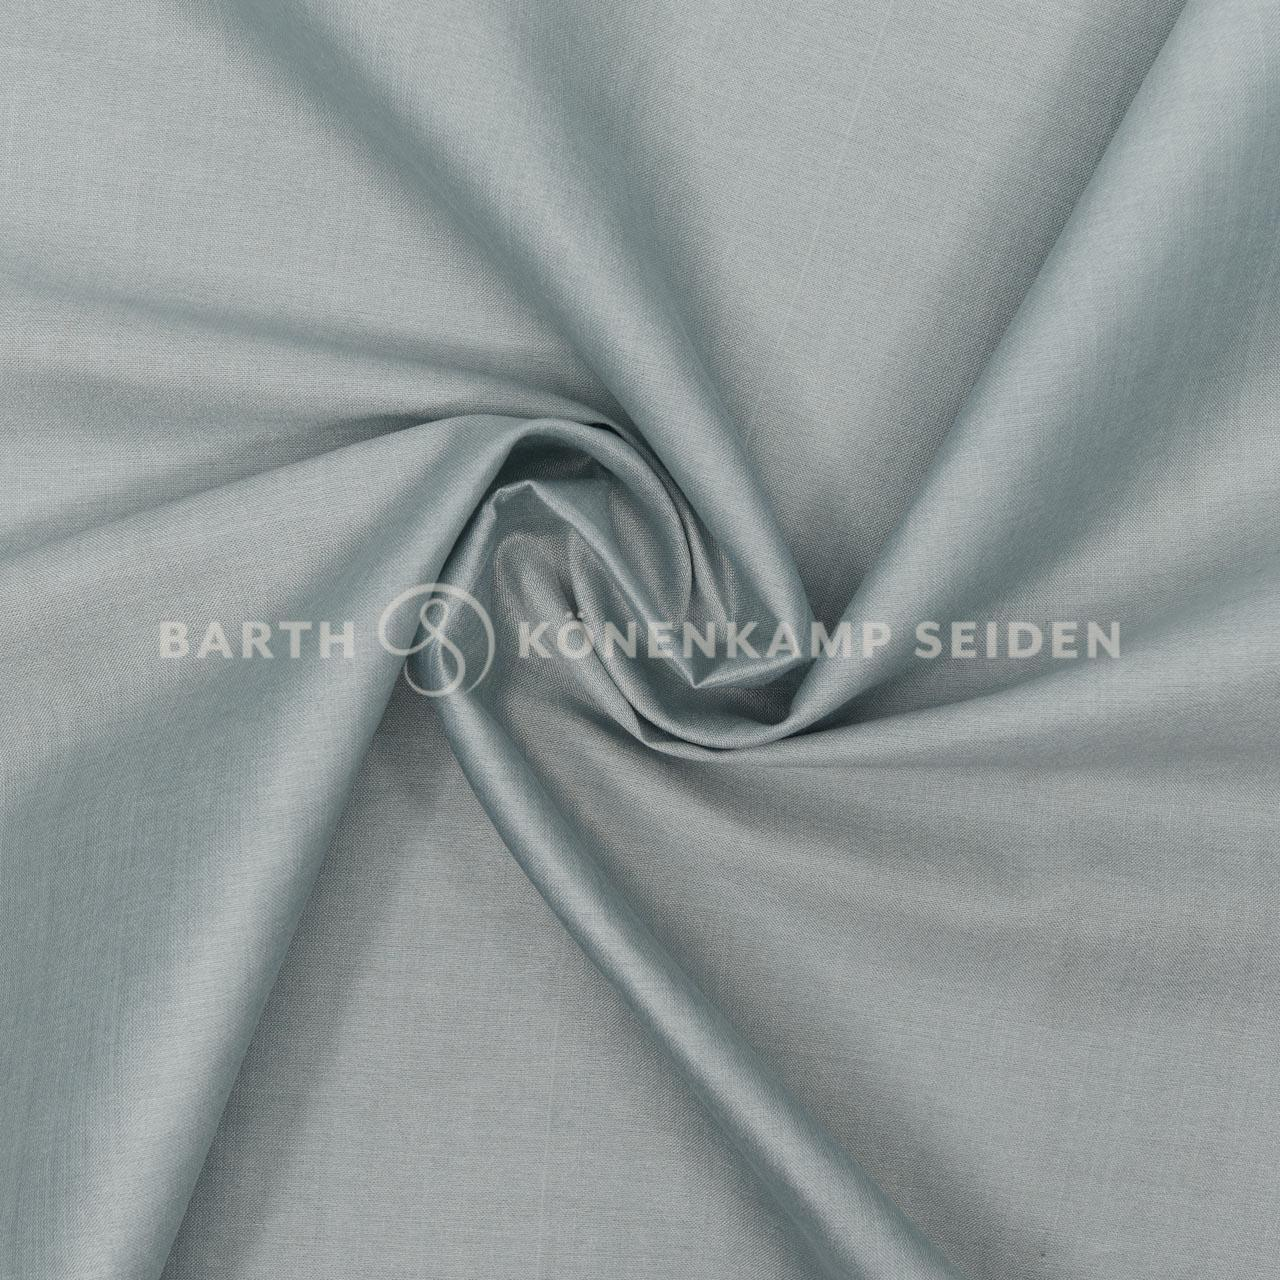 3500-569 / Tussah Modal  gefärbt